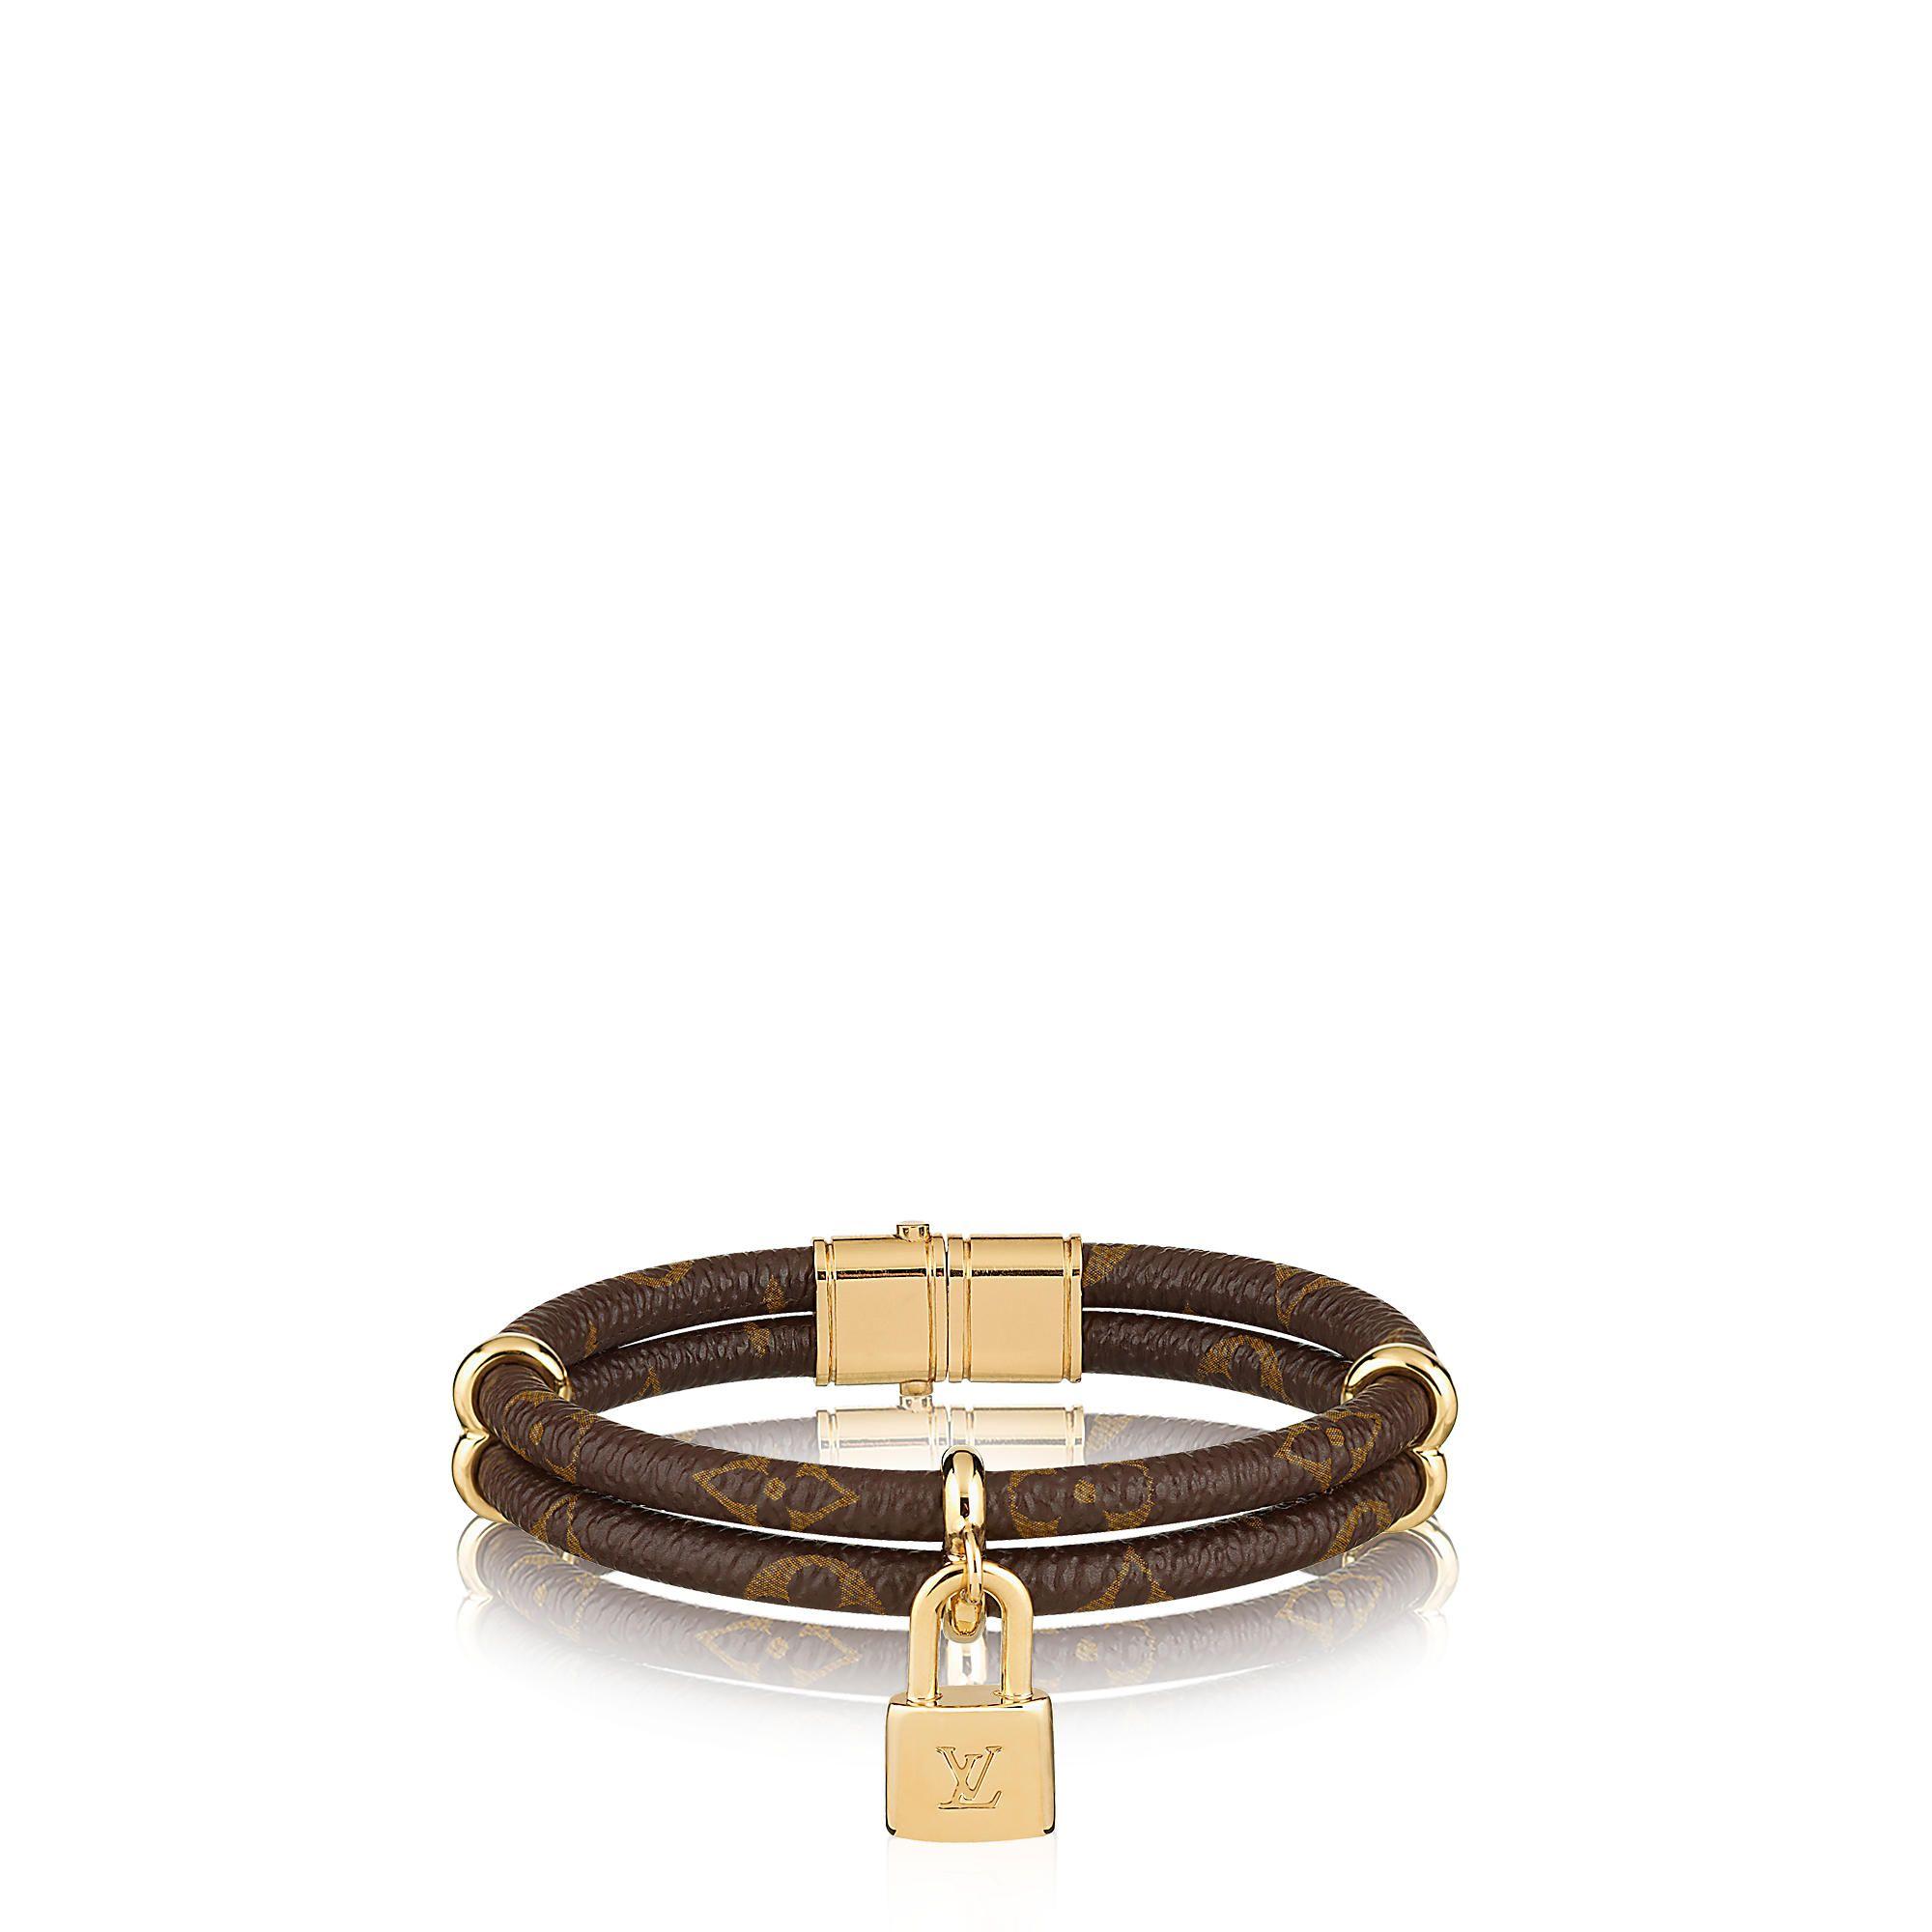 5ac69bcab011 Discover Louis Vuitton Keep it Twice Monogram Bracelet via Louis Vuitton